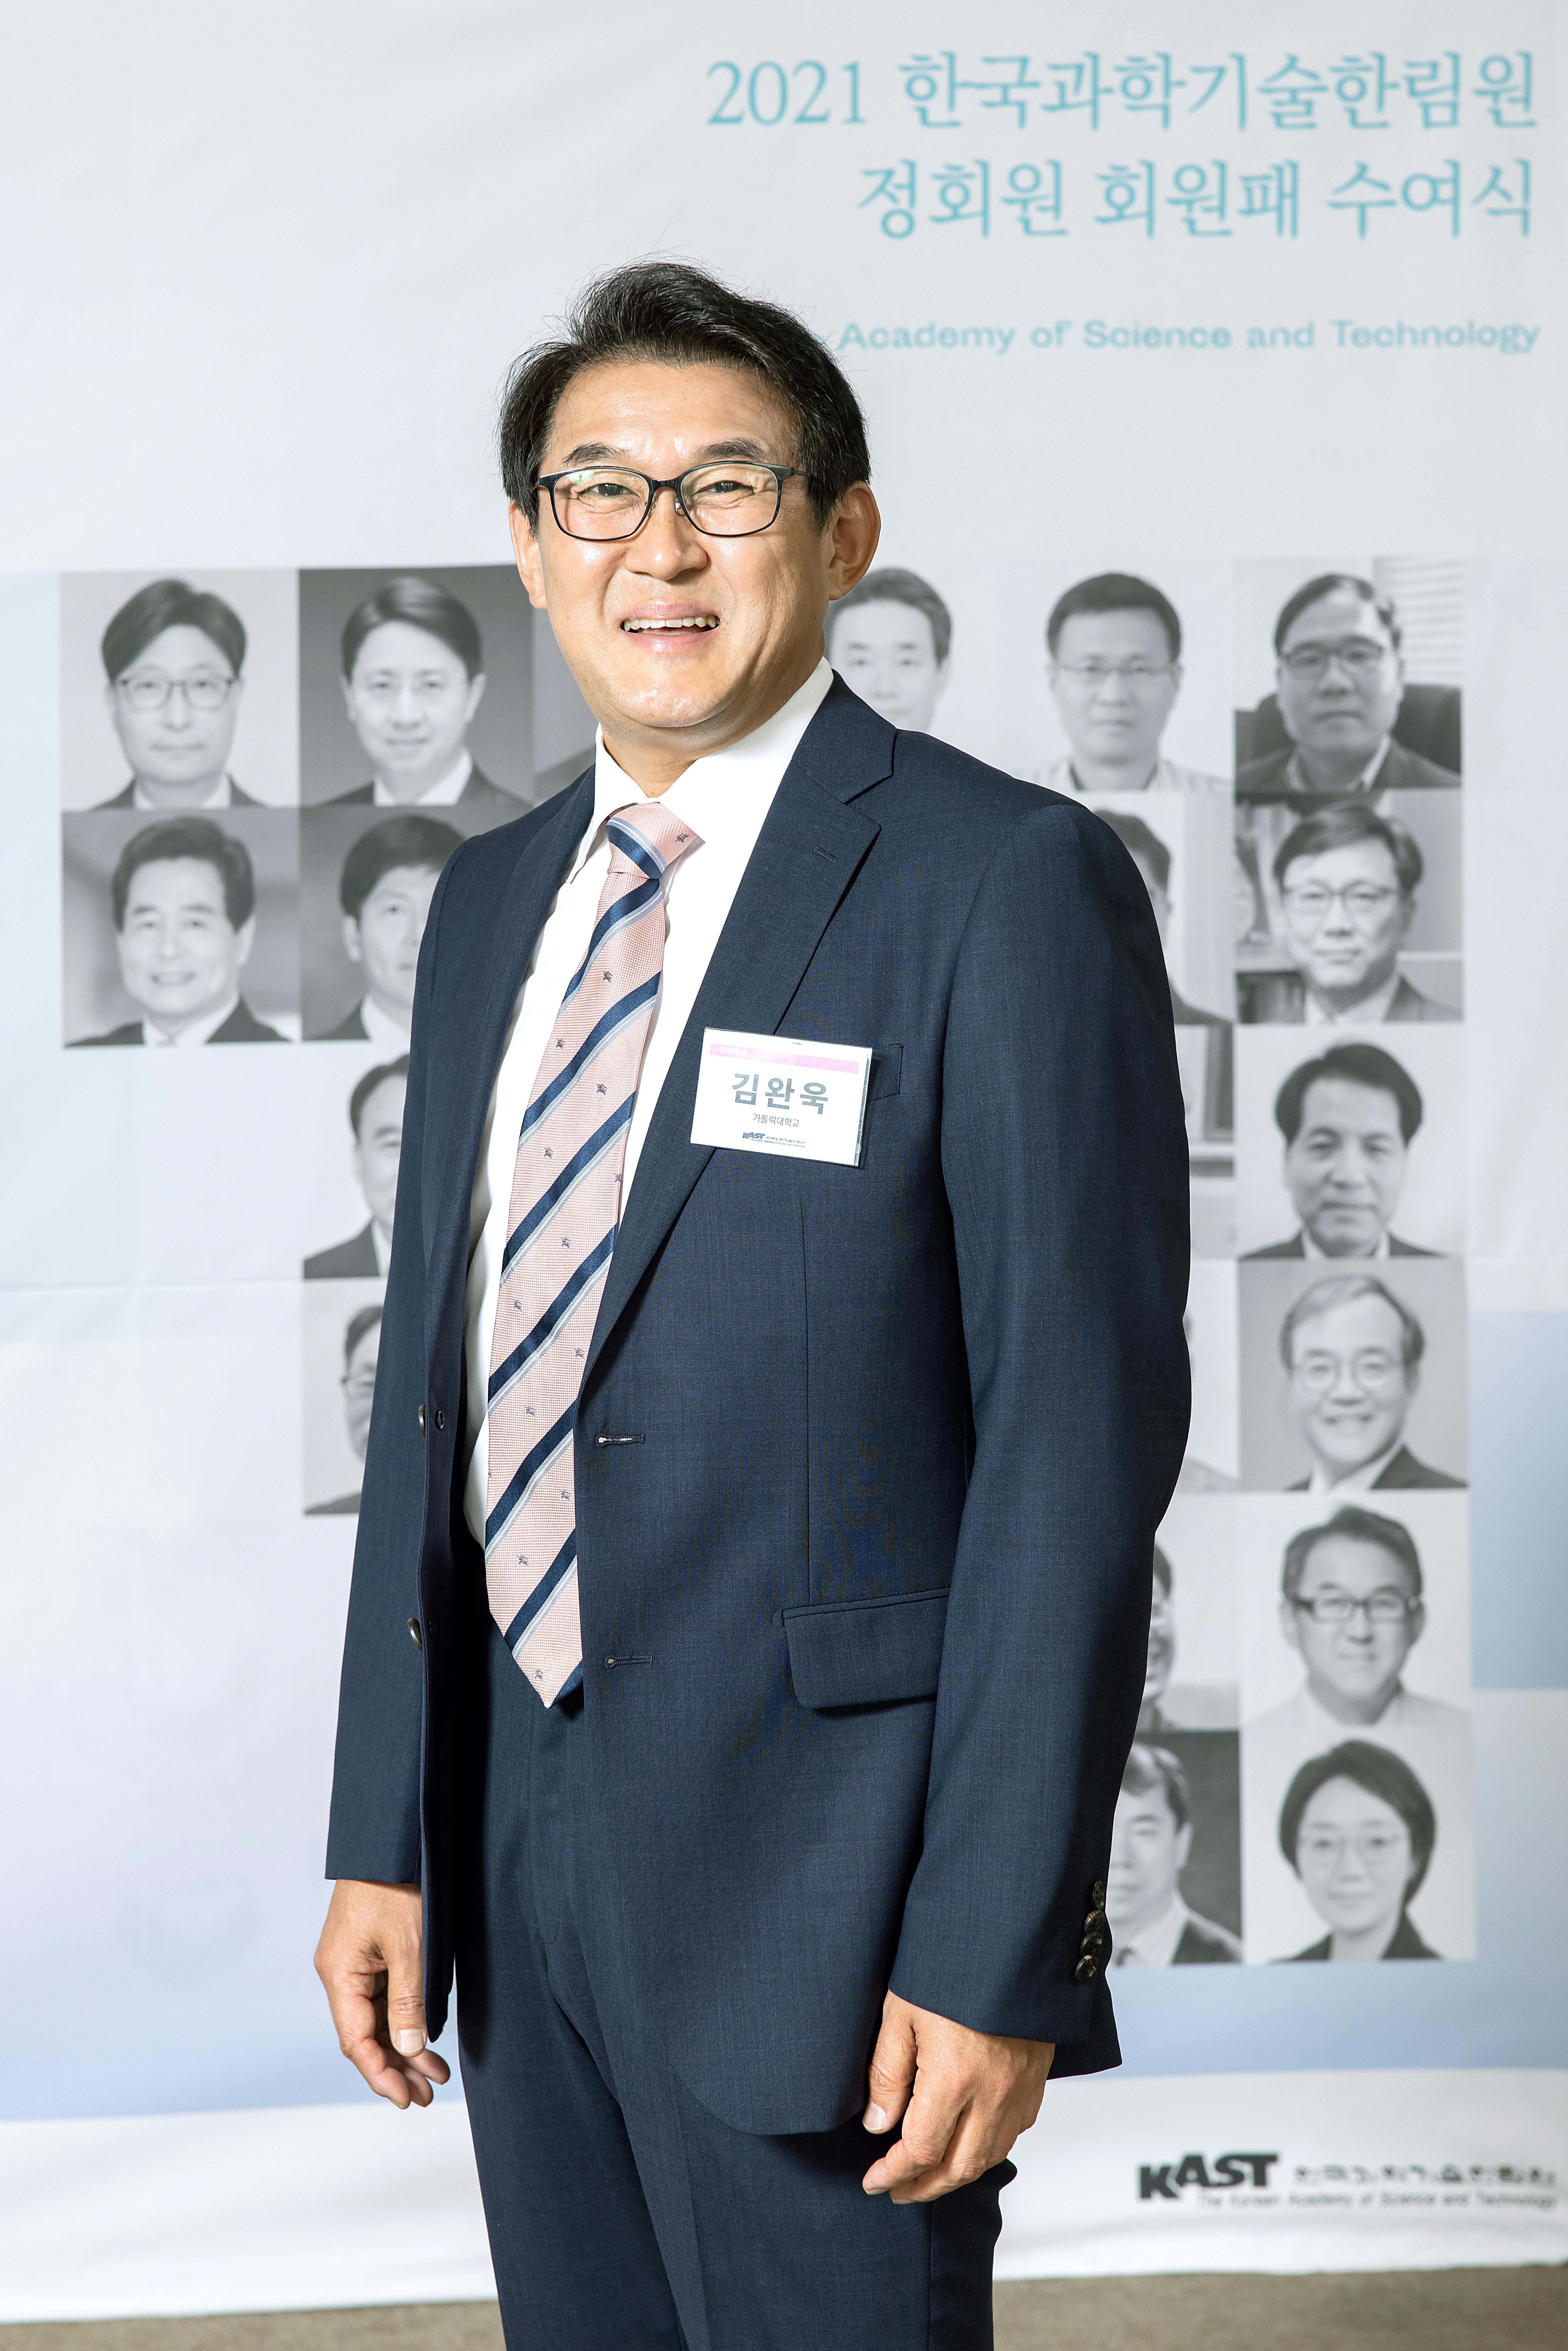 서울성모병원 김완욱 교수